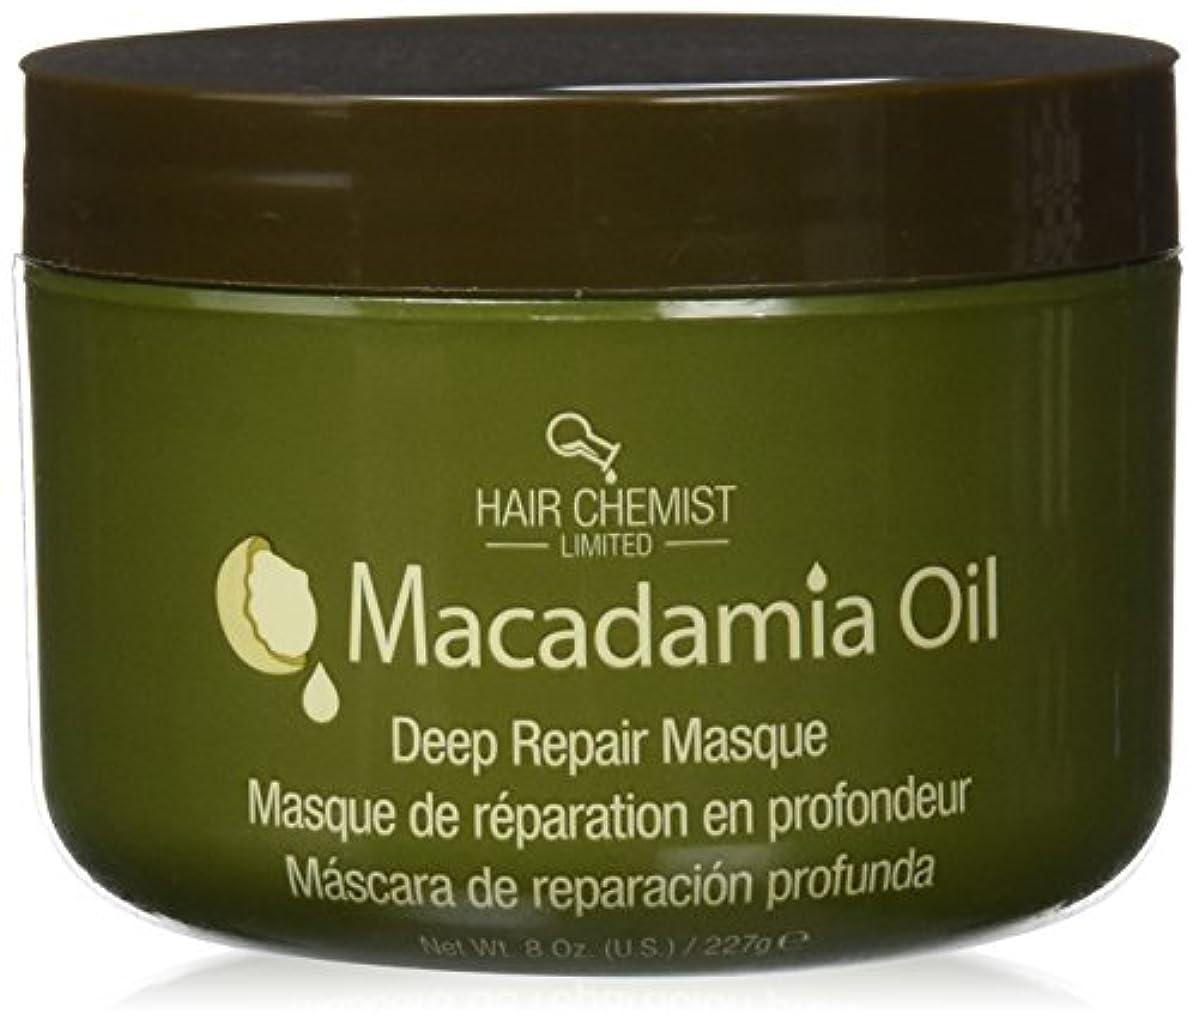 プロテスタント卑しいふりをするHair Chemist ヘアマスク マカダミア オイル ディープリペアマスク 227g Macadamia Oil Deep Repair Mask 1434 New York